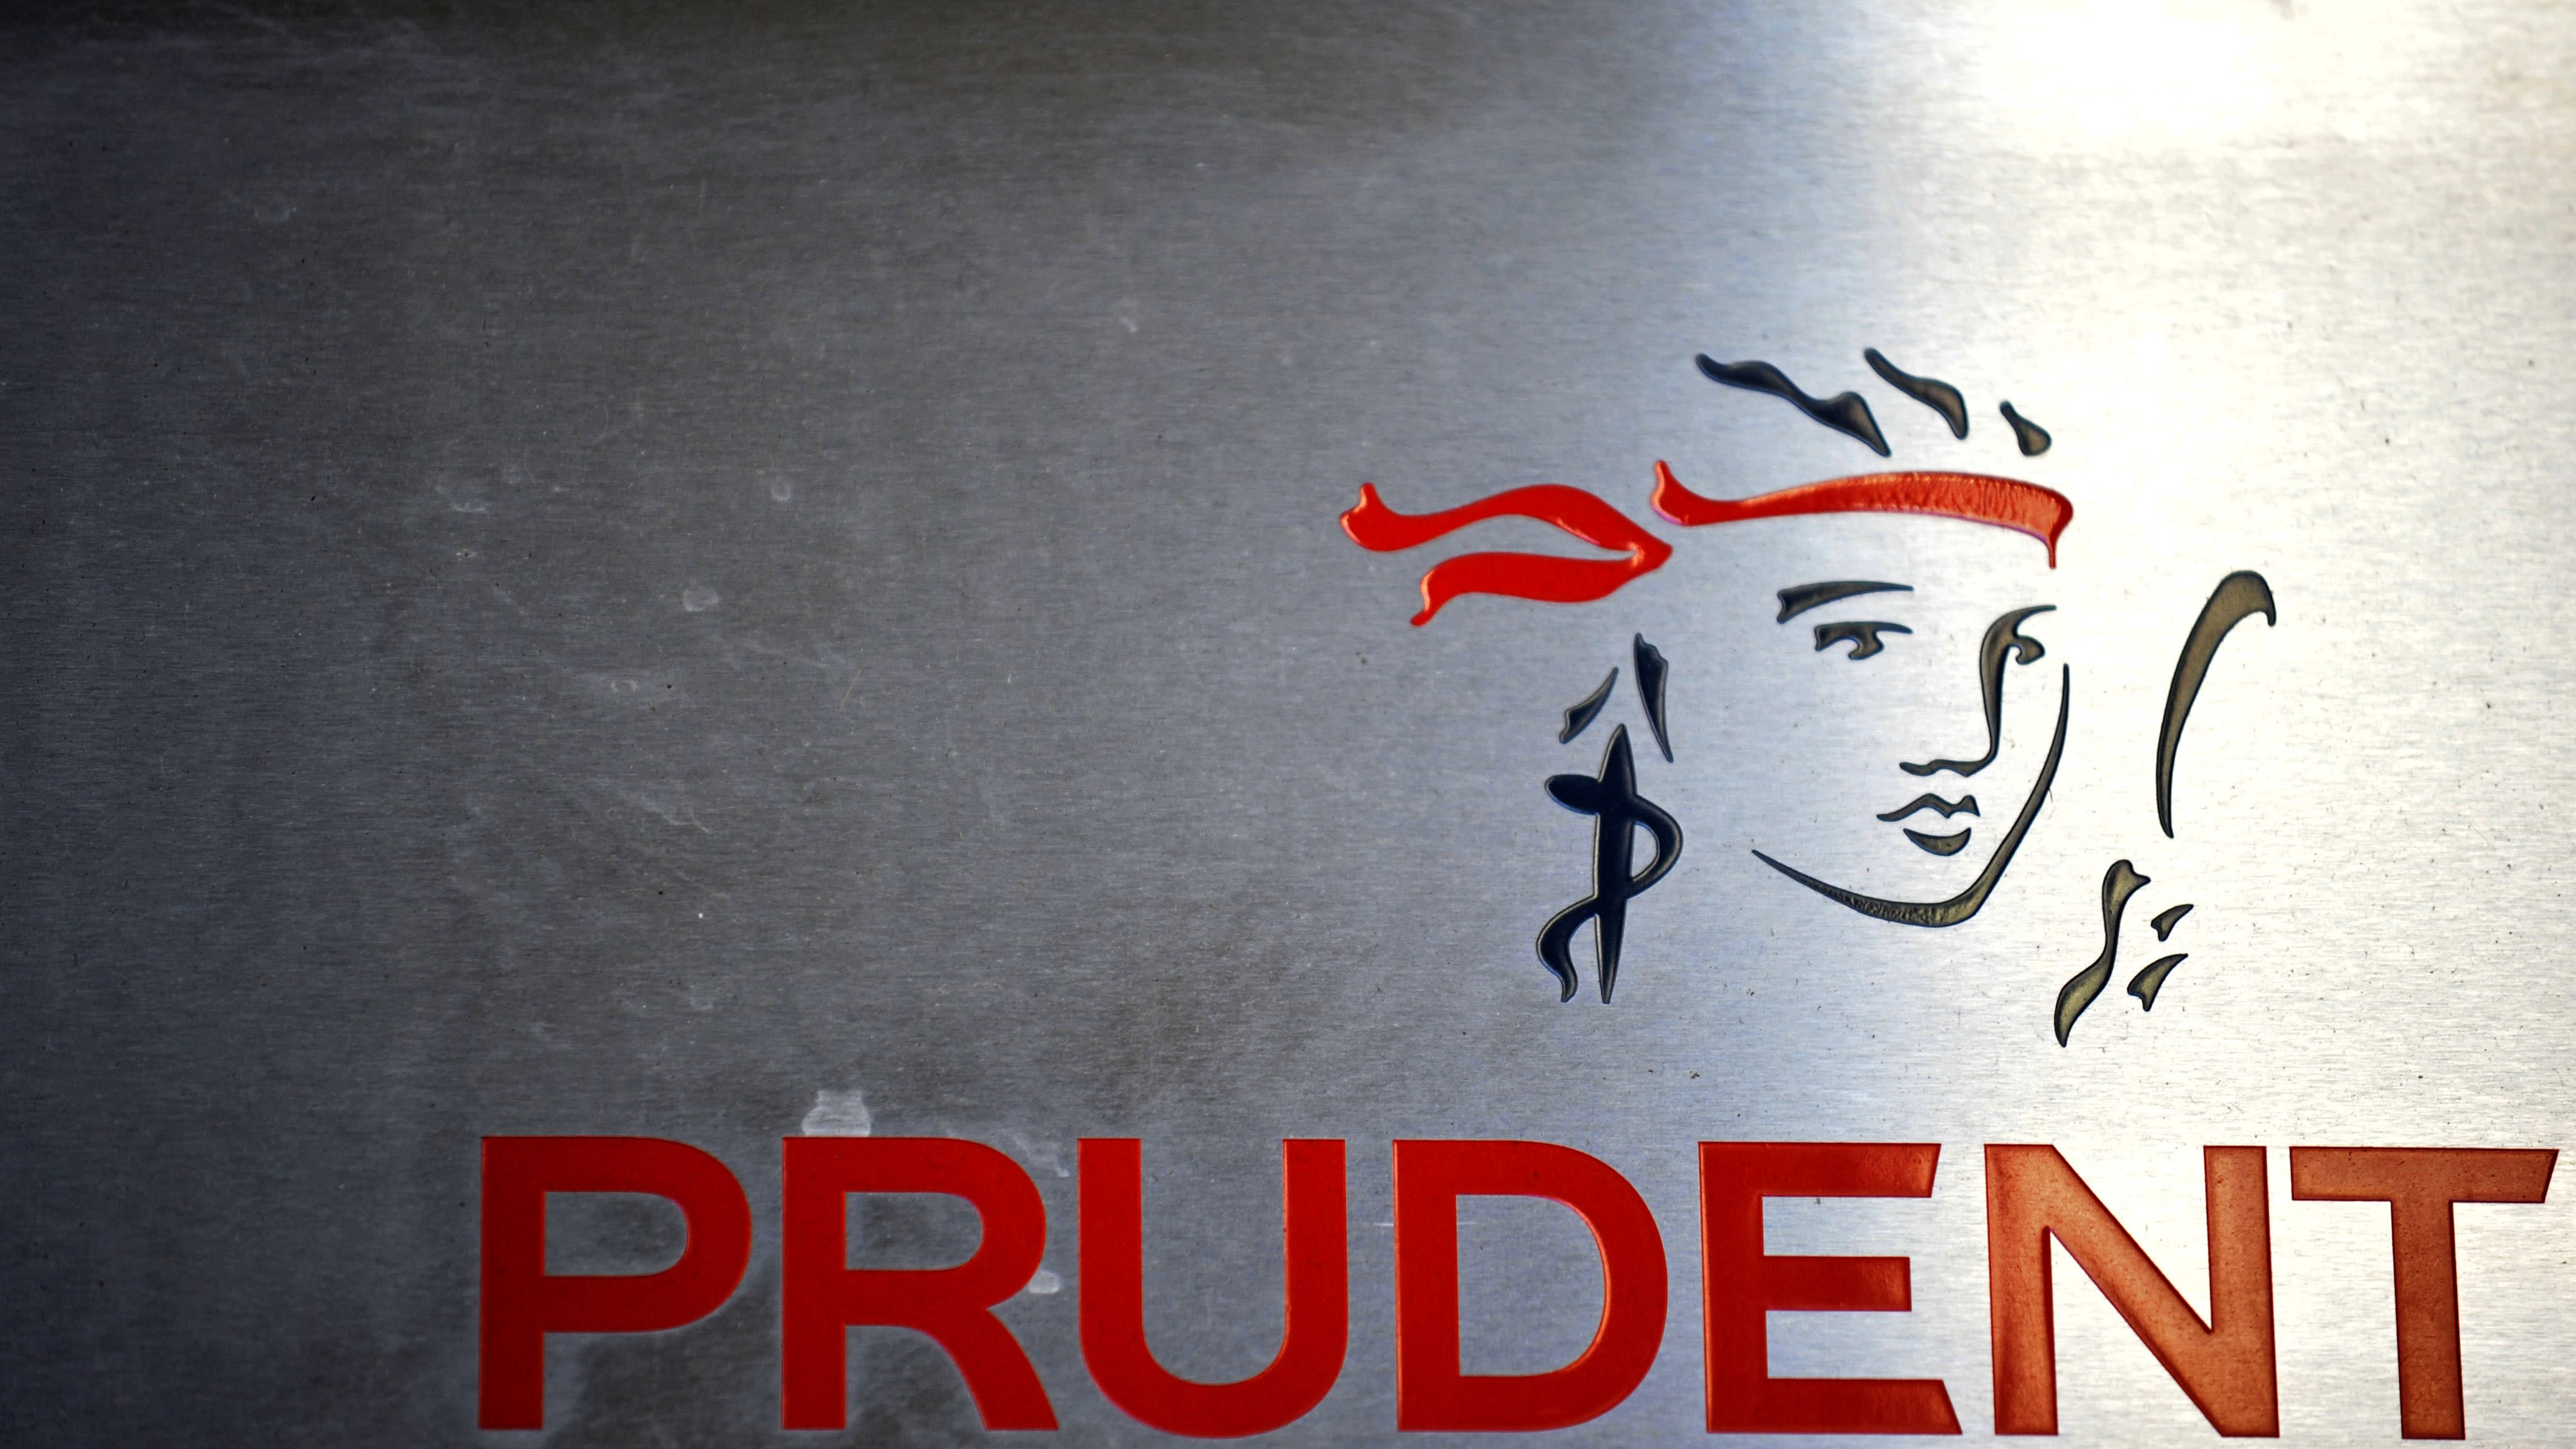 Activist investor Loeb calls for Prudential split